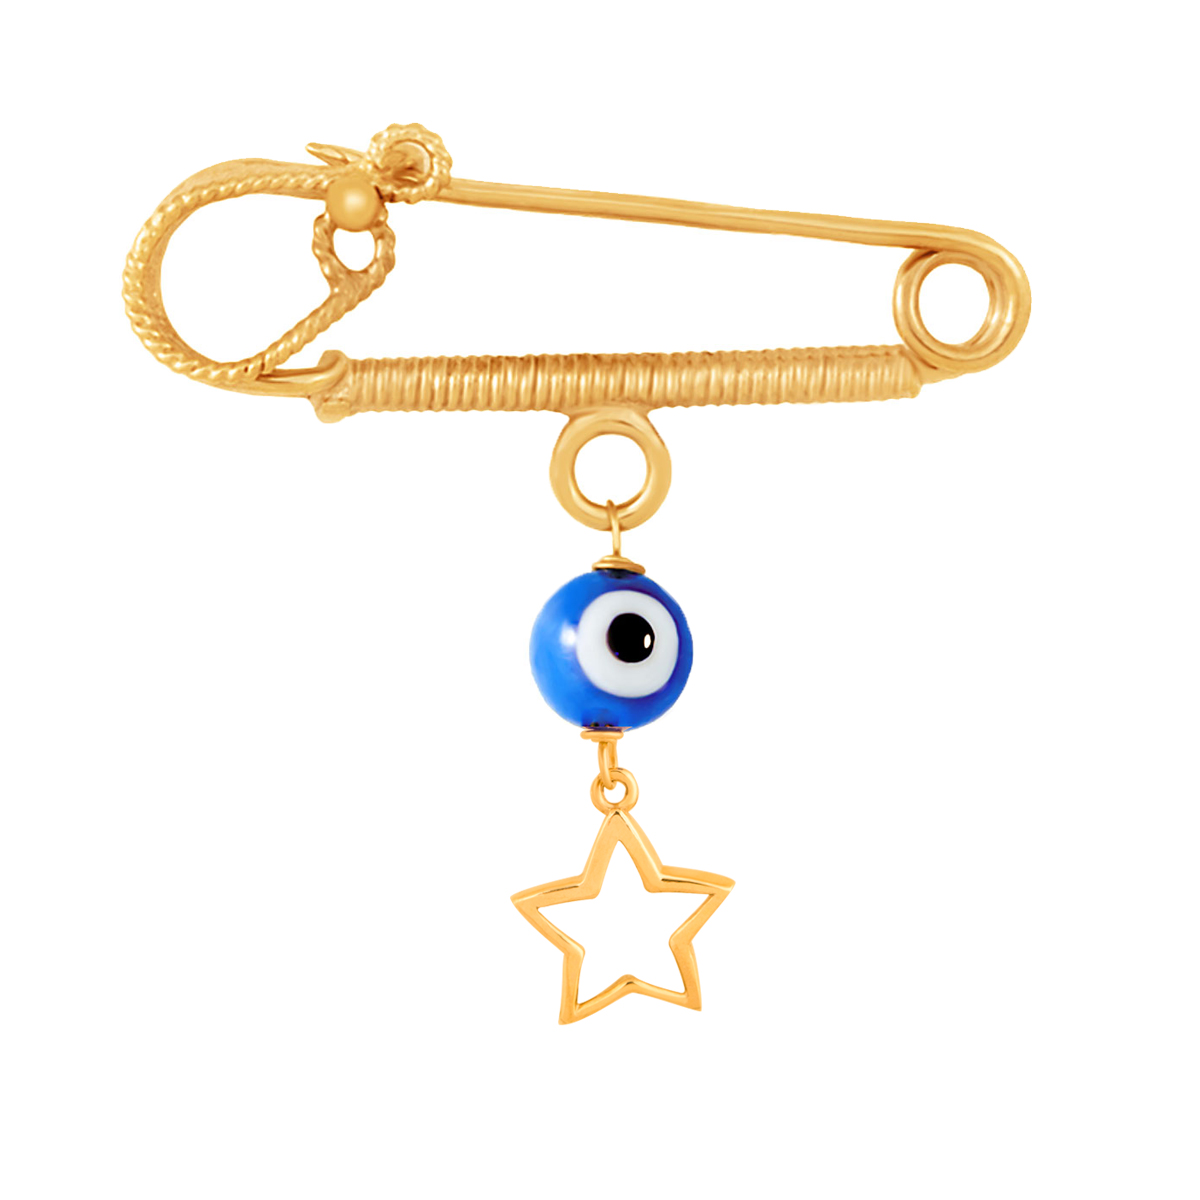 سنجاق سینه طلا ستاره توخالی و چشم نظر